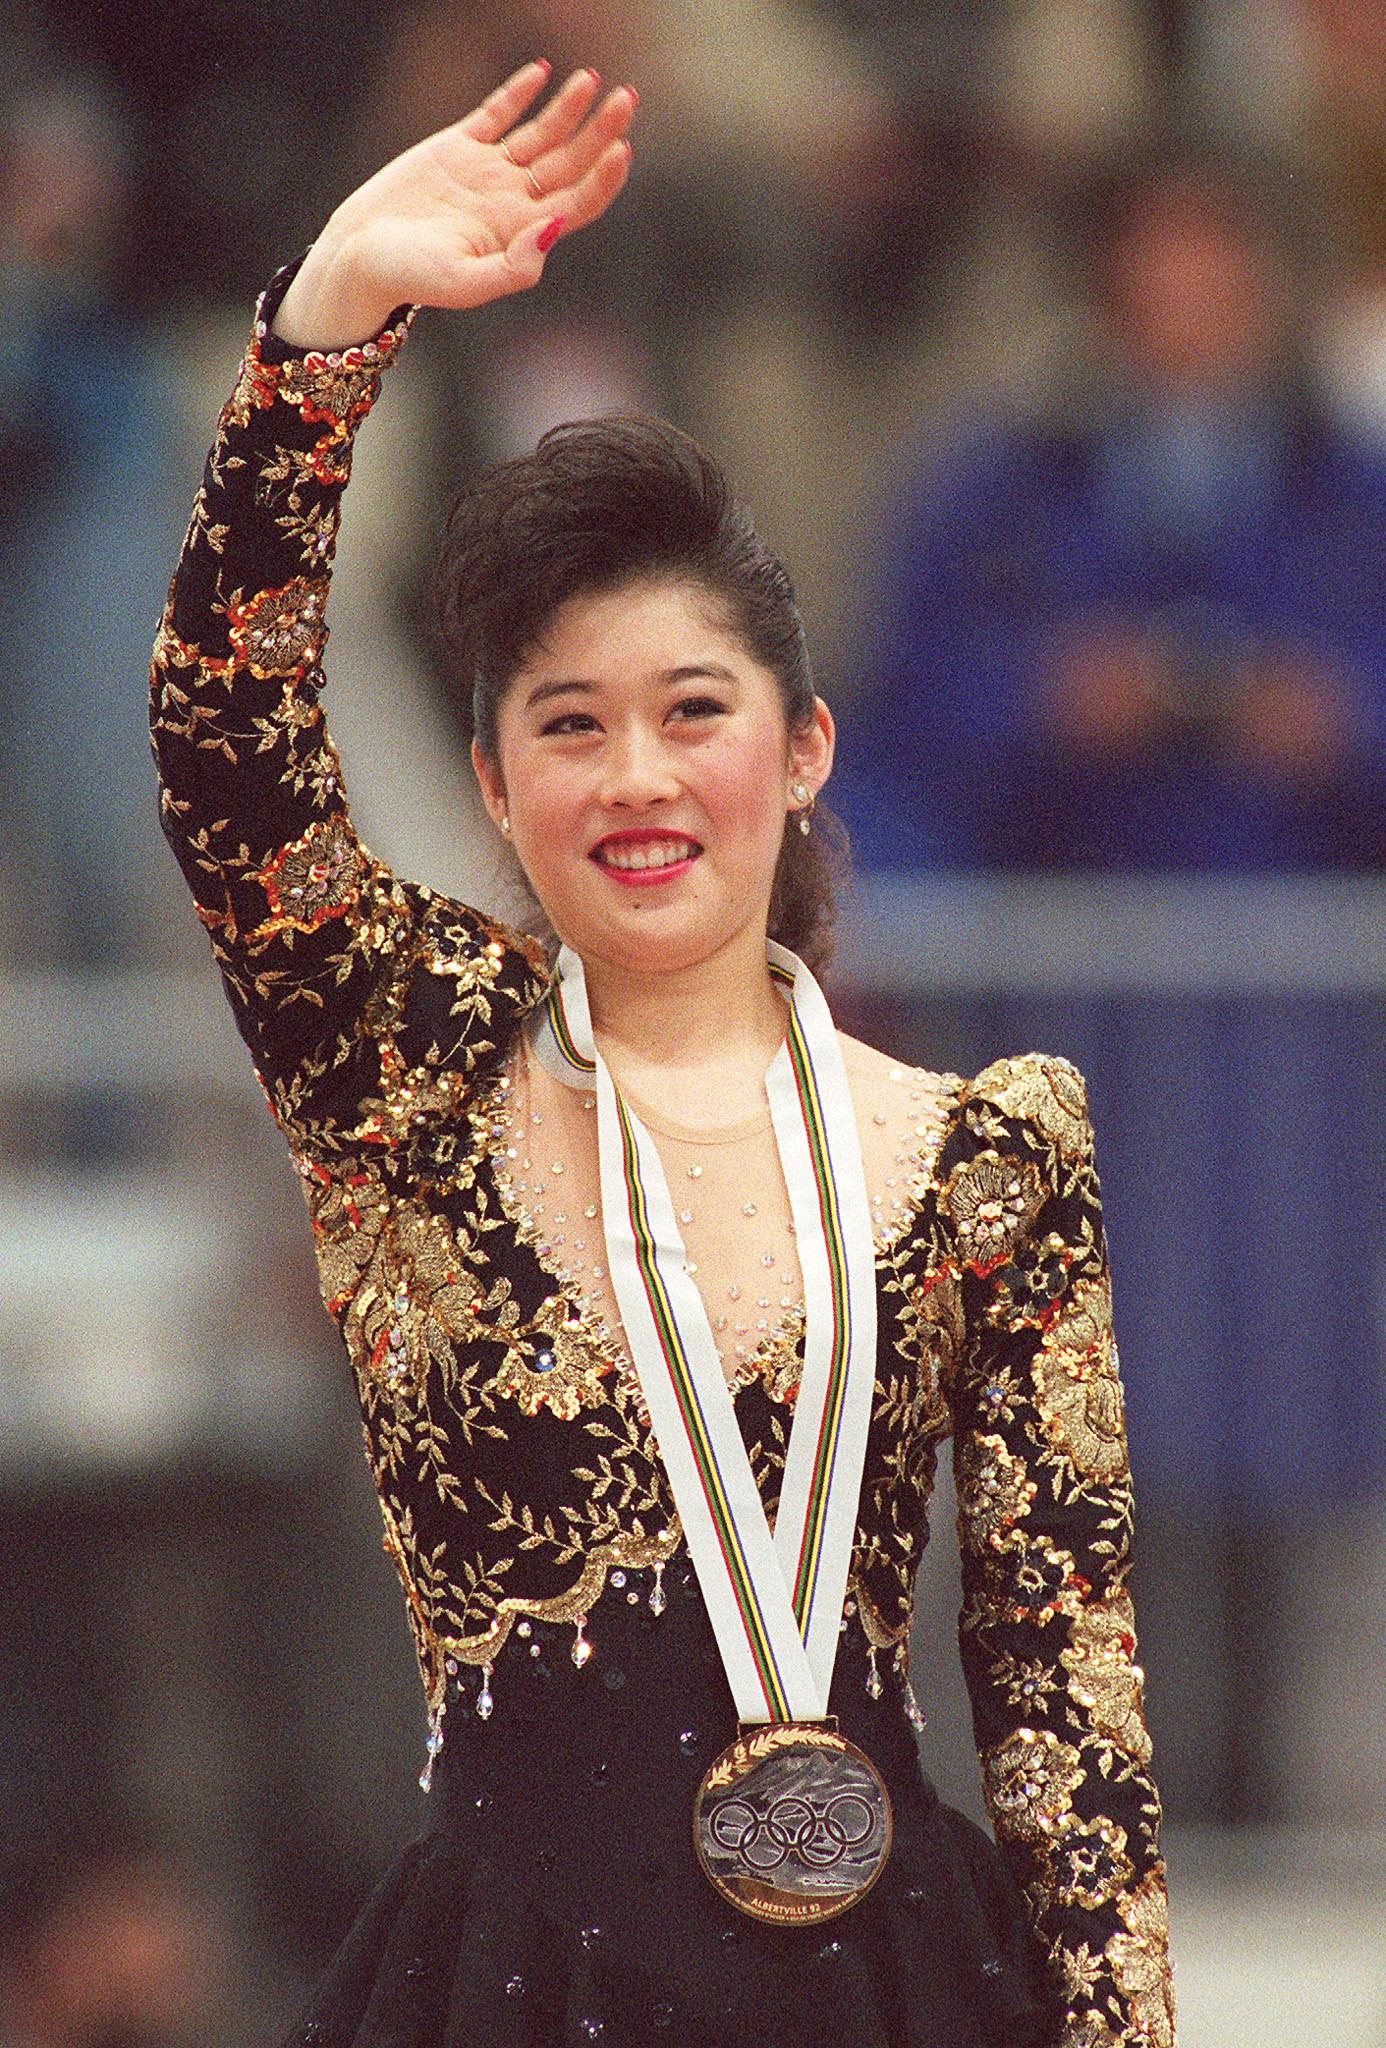 Kristi Yamaguchi receives a medal